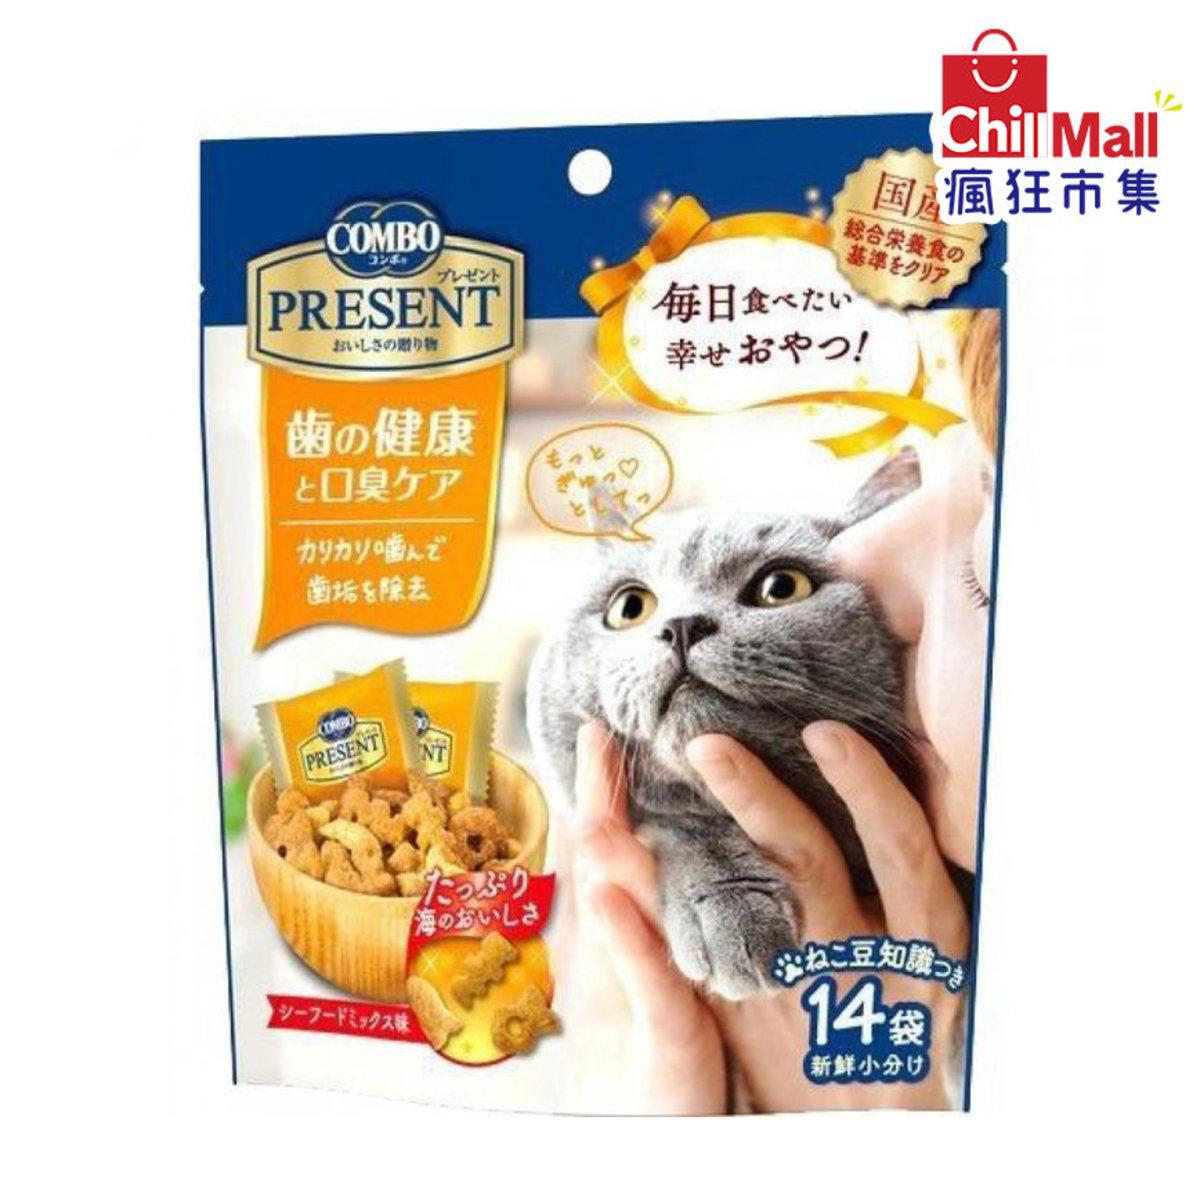 日本COMBO 二合一健康貓零食 除口臭及潔齒配方 42g (橙) 2050989